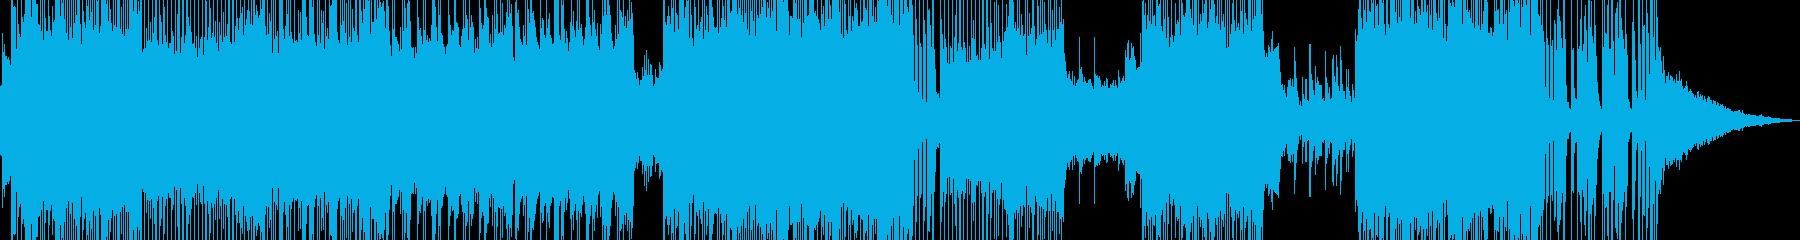 ハッピーを彩るミディアムロックの再生済みの波形